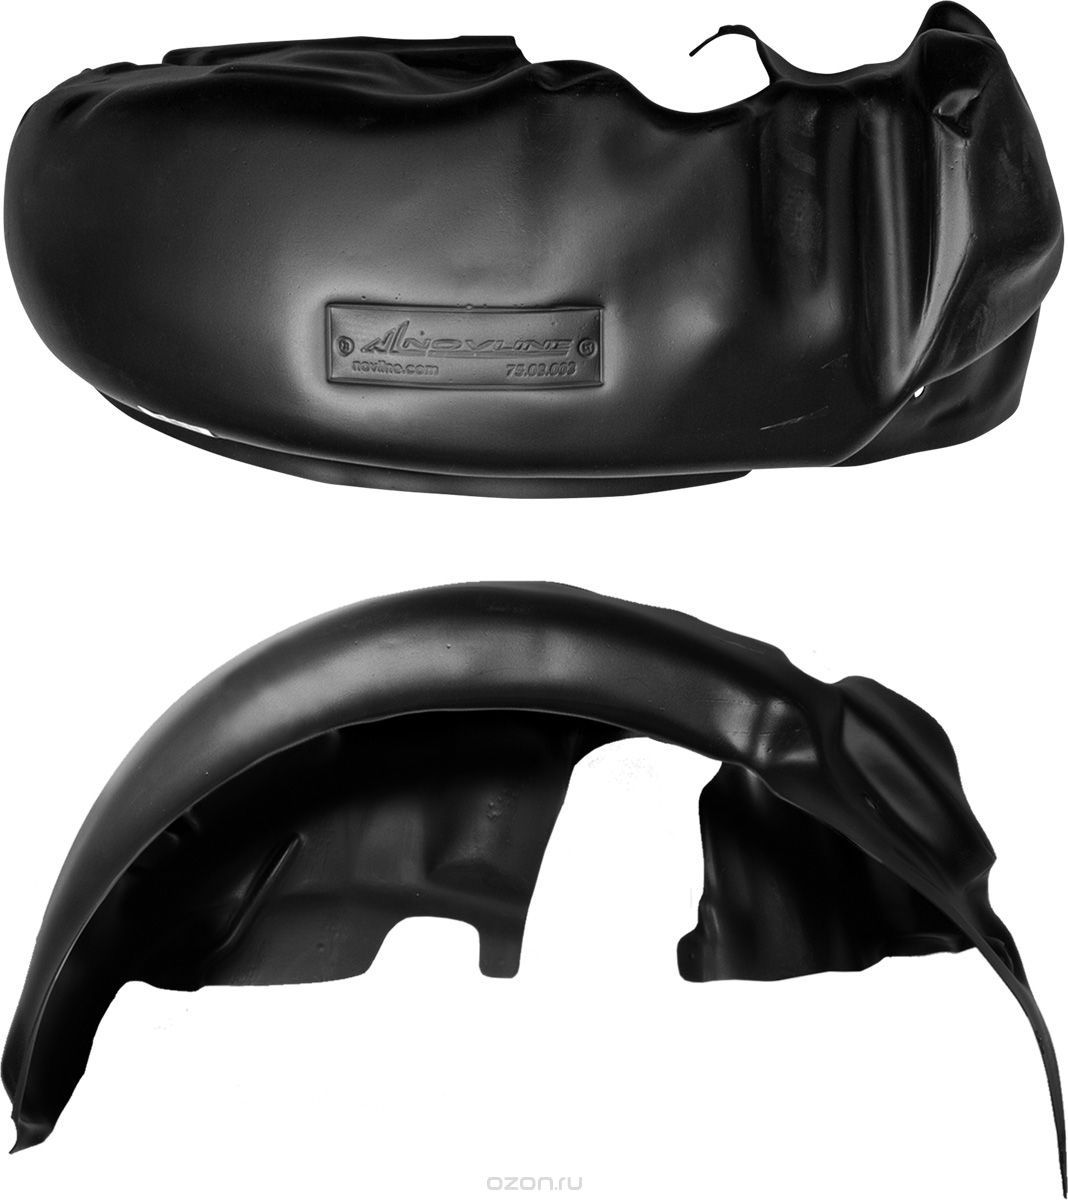 Подкрылок Novline-Autofamily, для TOYOTA Land Cruiser Prado 01/2003-2009, задний правыйNLS.20.47.004Идеальная защита колесной ниши. Локеры разработаны с применением цифровых технологий, гарантируют максимальную повторяемость поверхности арки. Изделия устанавливаются без нарушения лакокрасочного покрытия автомобиля, каждый подкрылок комплектуется крепежом. Уважаемые клиенты, обращаем ваше внимание, что фотографии на подкрылки универсальные и не отражают реальную форму изделия. При этом само изделие идет точно под размер указанного автомобиля.